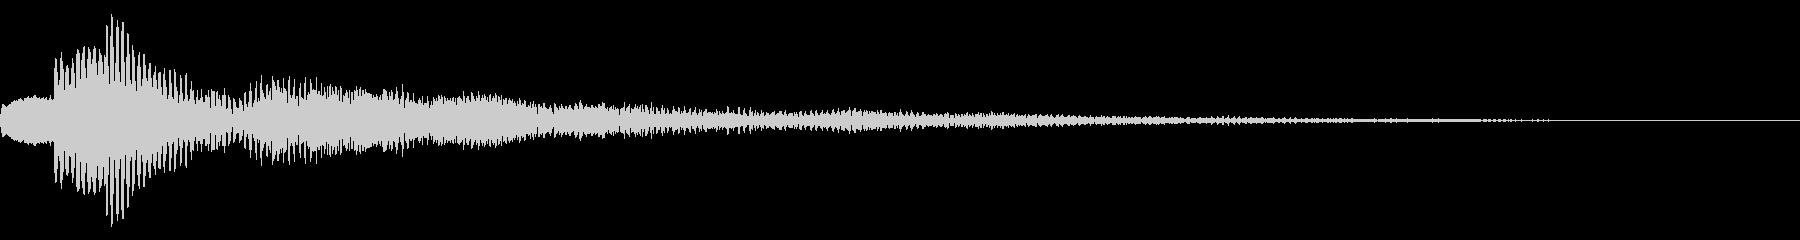 サウンドロゴ さわやか系 システムの未再生の波形